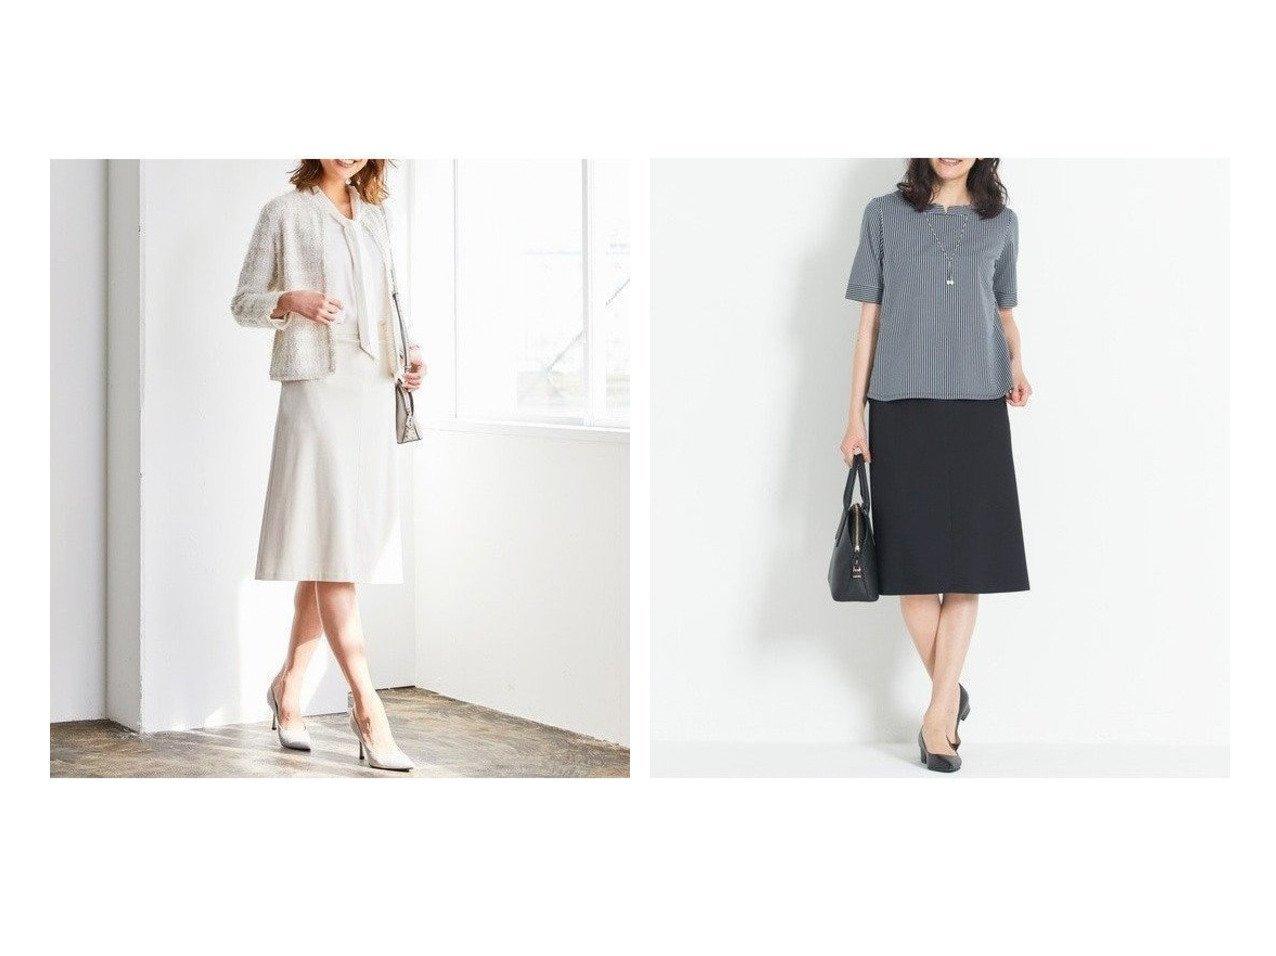 【JIYU-KU/自由区】の360°FREE ウォッシャブル セミフレアスカート&360°FREEリュミエール ジャージースカート スカートのおすすめ!人気、トレンド・レディースファッションの通販 おすすめで人気の流行・トレンド、ファッションの通販商品 メンズファッション・キッズファッション・インテリア・家具・レディースファッション・服の通販 founy(ファニー) https://founy.com/ ファッション Fashion レディースファッション WOMEN スカート Skirt Aライン/フレアスカート Flared A-Line Skirts ウォッシャブル カットソー ジャケット ドレープ ポケット 送料無料 Free Shipping エアリー シンプル ジャージー 軽量  ID:crp329100000012436